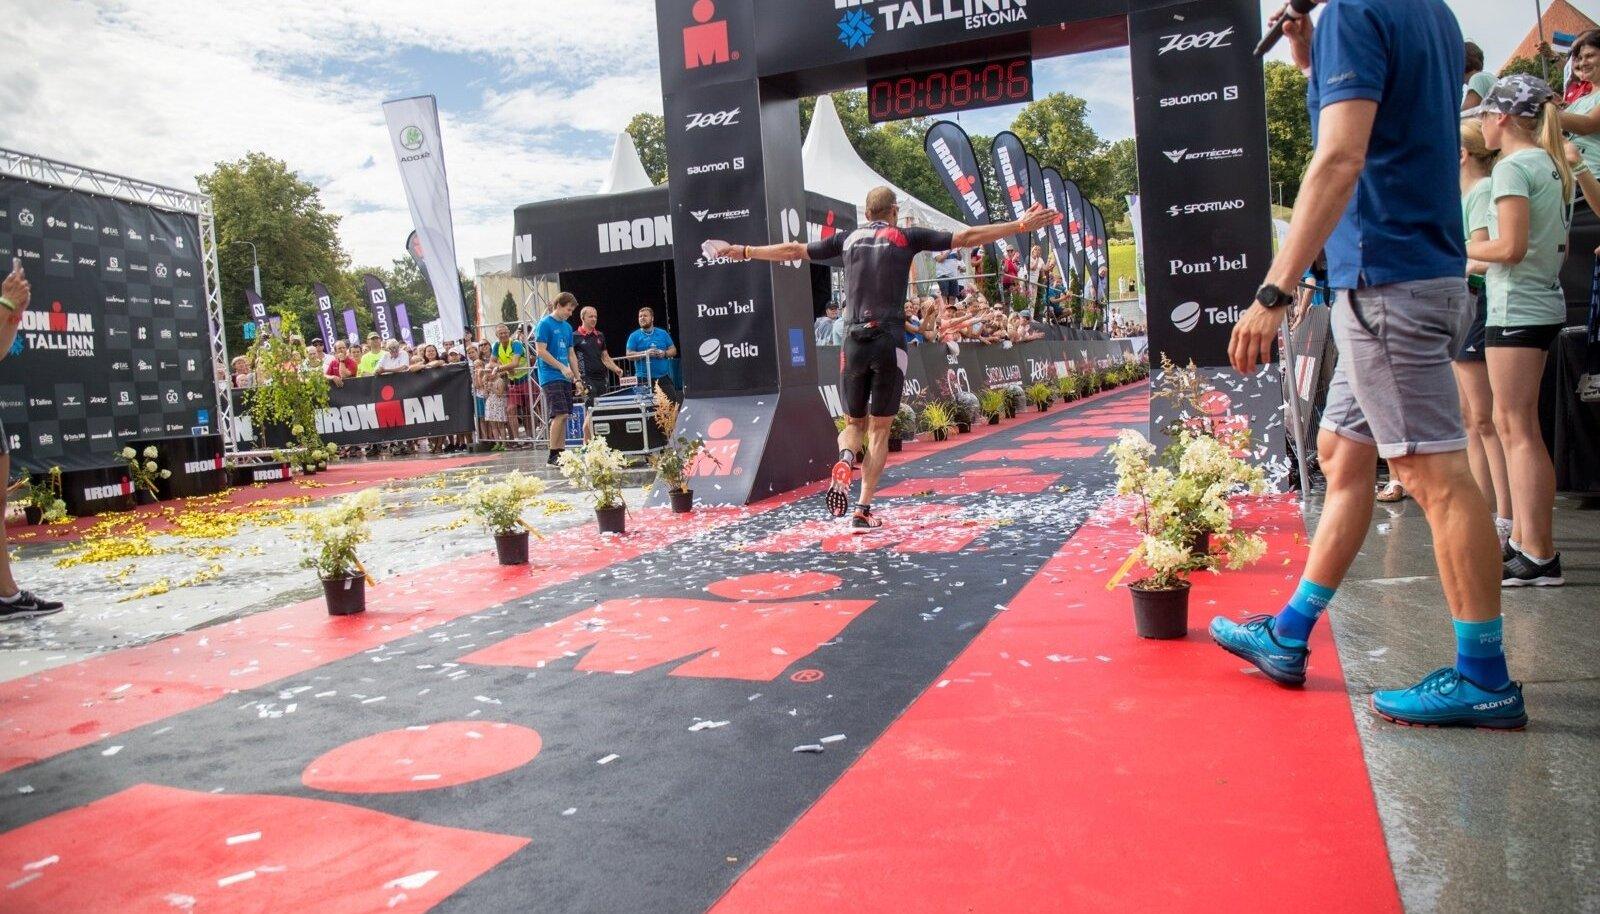 Ironman Tallinn 2018.